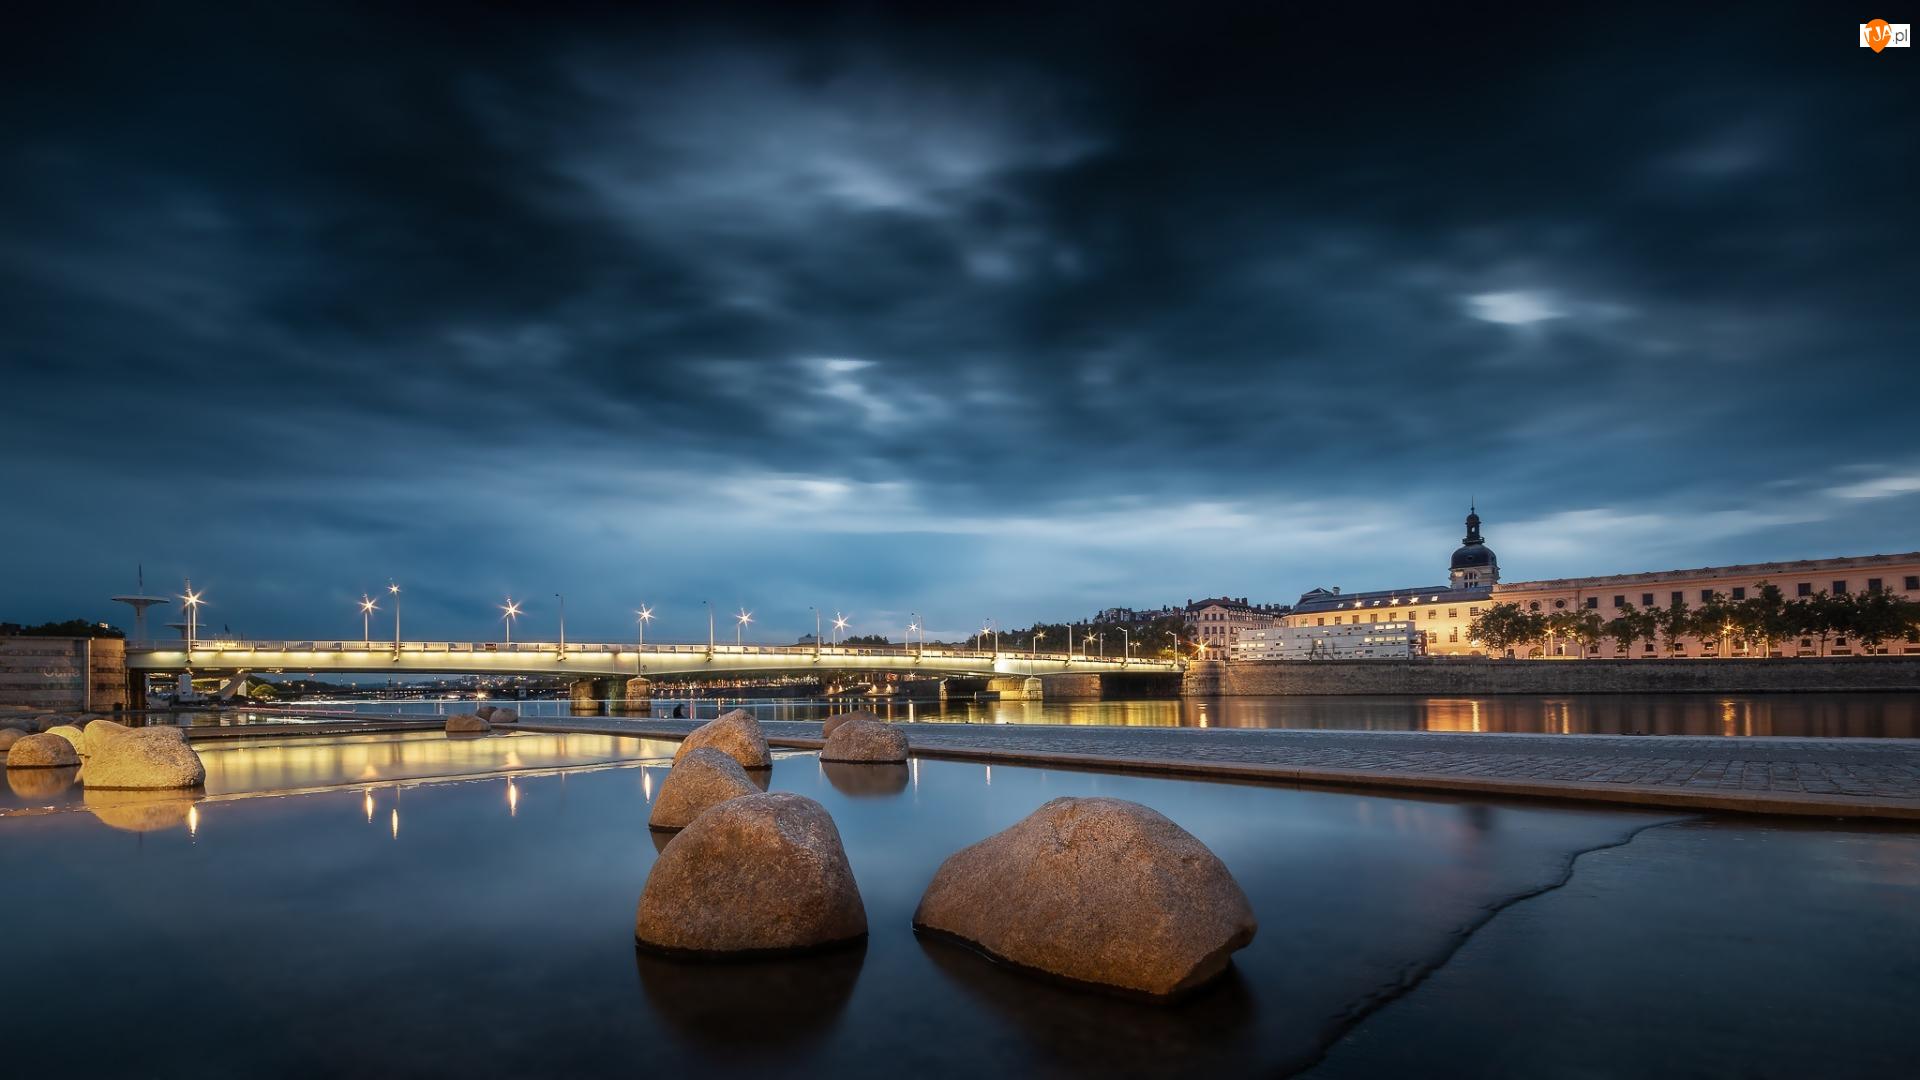 Rzeka Rodan, Francja, Światła, Most, Lyon, Kamienie, Budynki, Wieczór